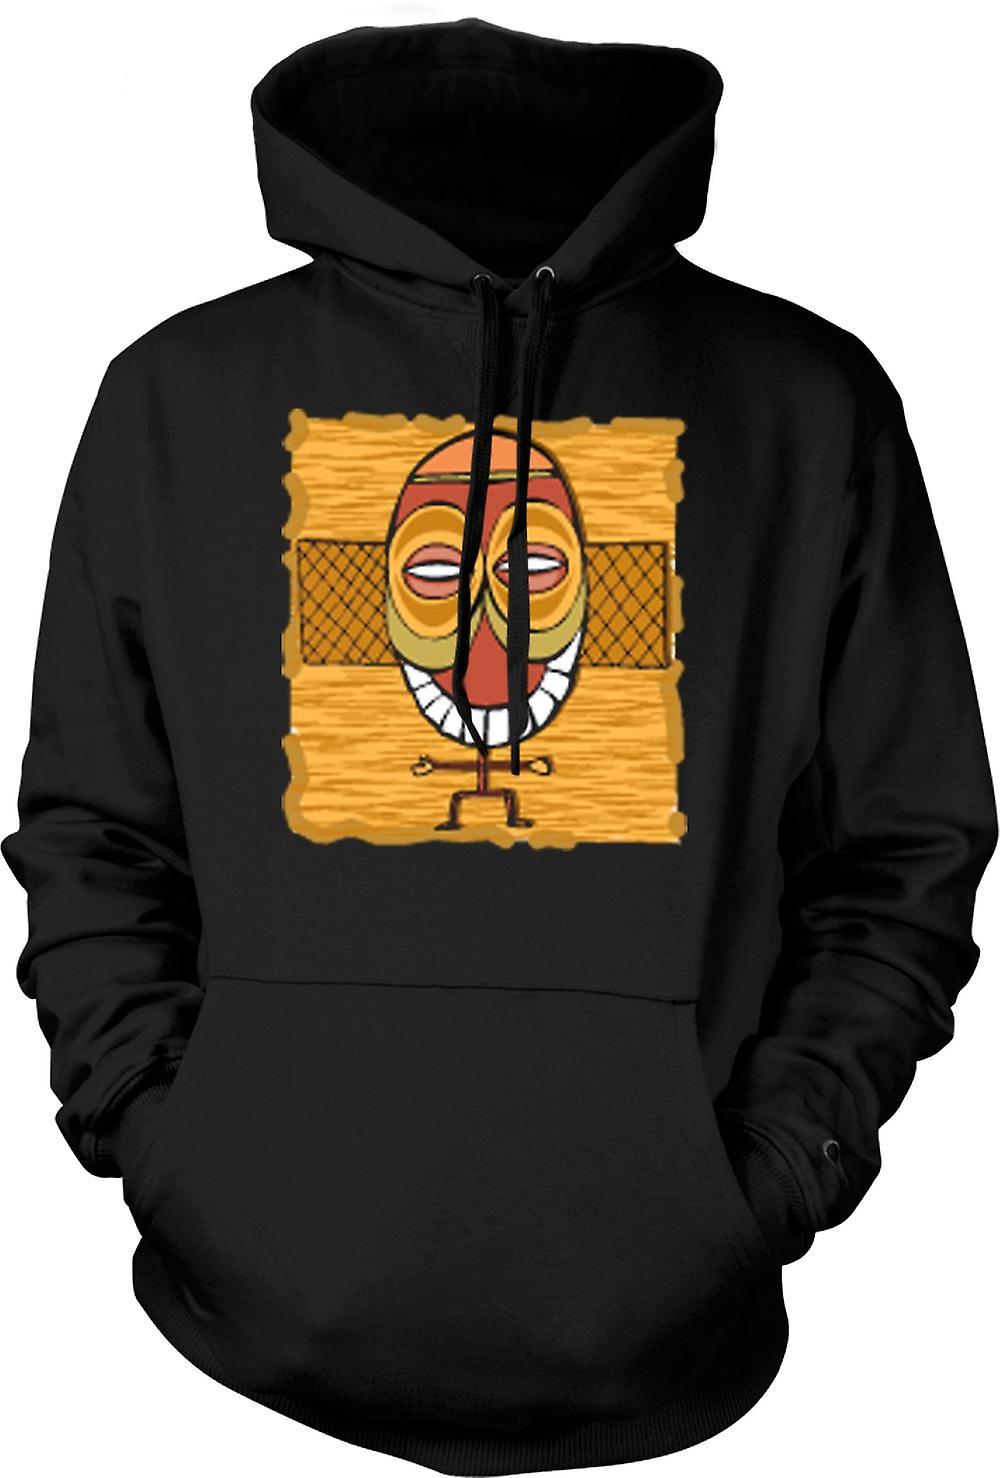 Felpa con cappuccio uomo - disegno maschera tribale zulù